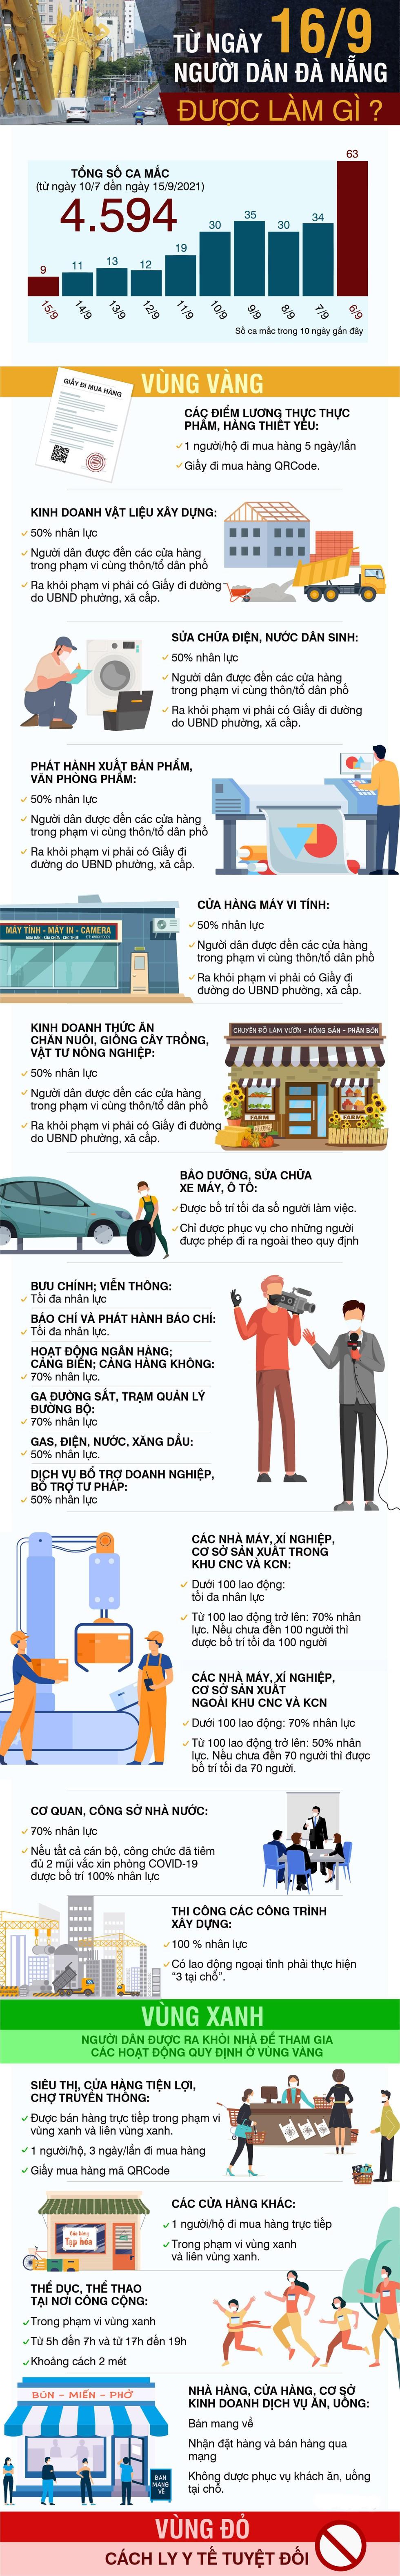 Từ ngày 16/9 người dân Đà Nẵng được làm gì? ảnh 1